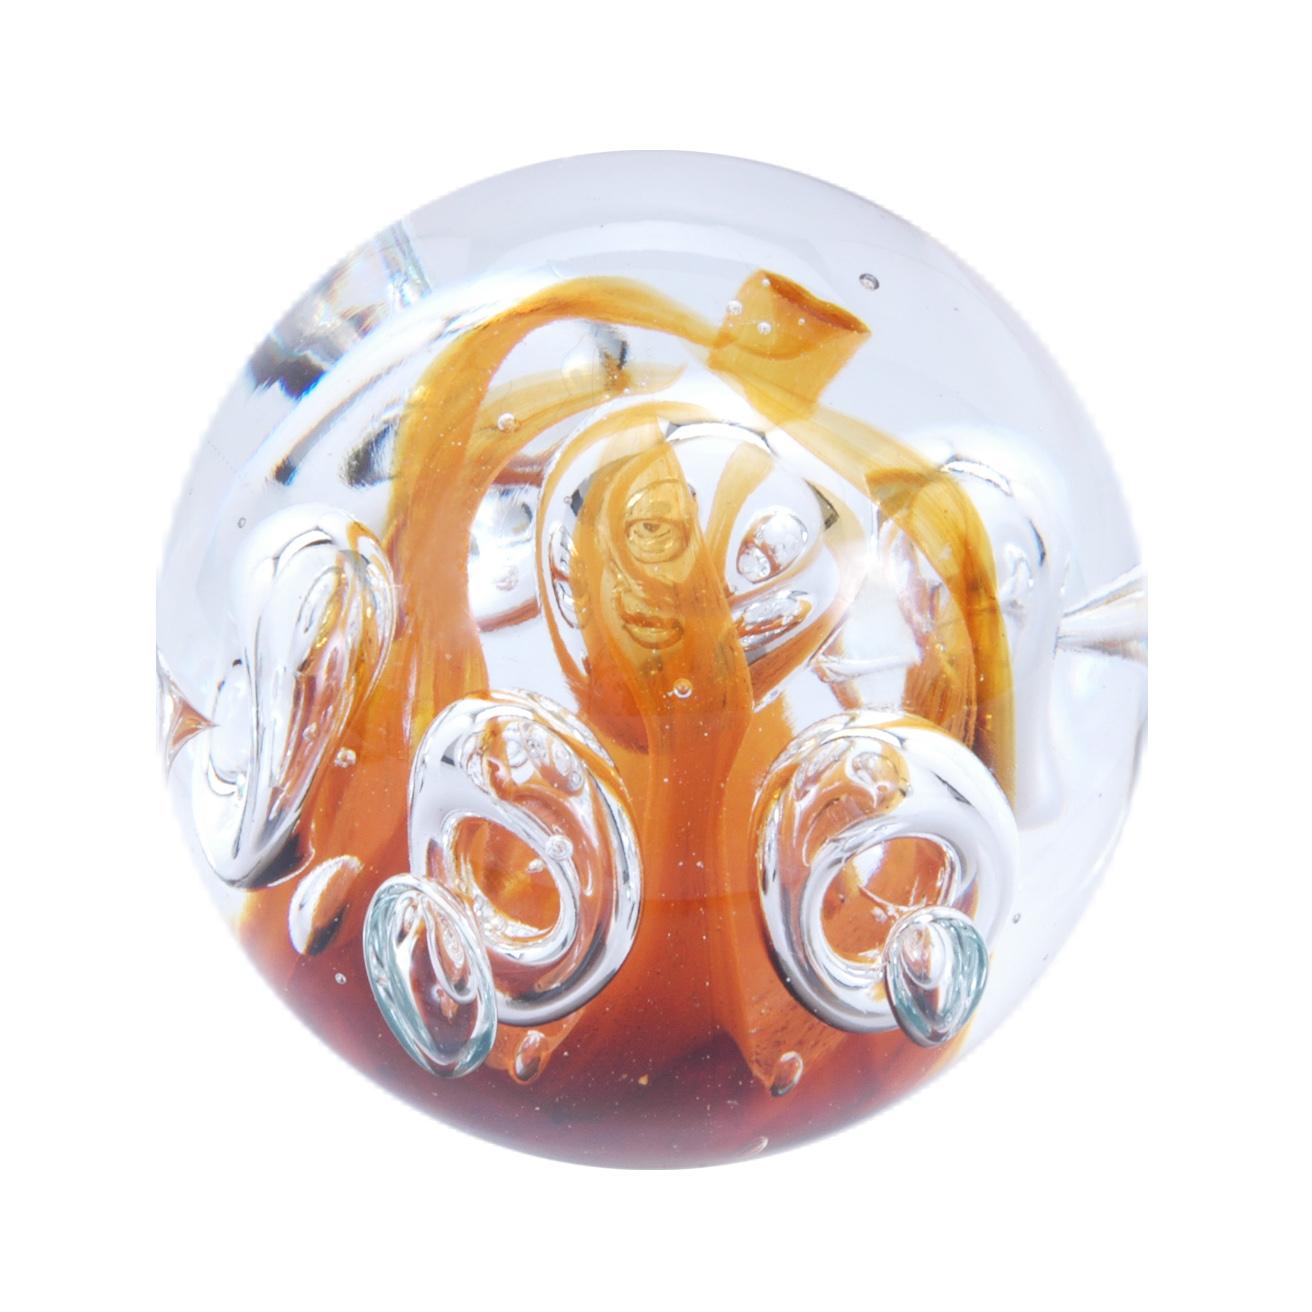 Traum-Glaskugel orange mit Blasen